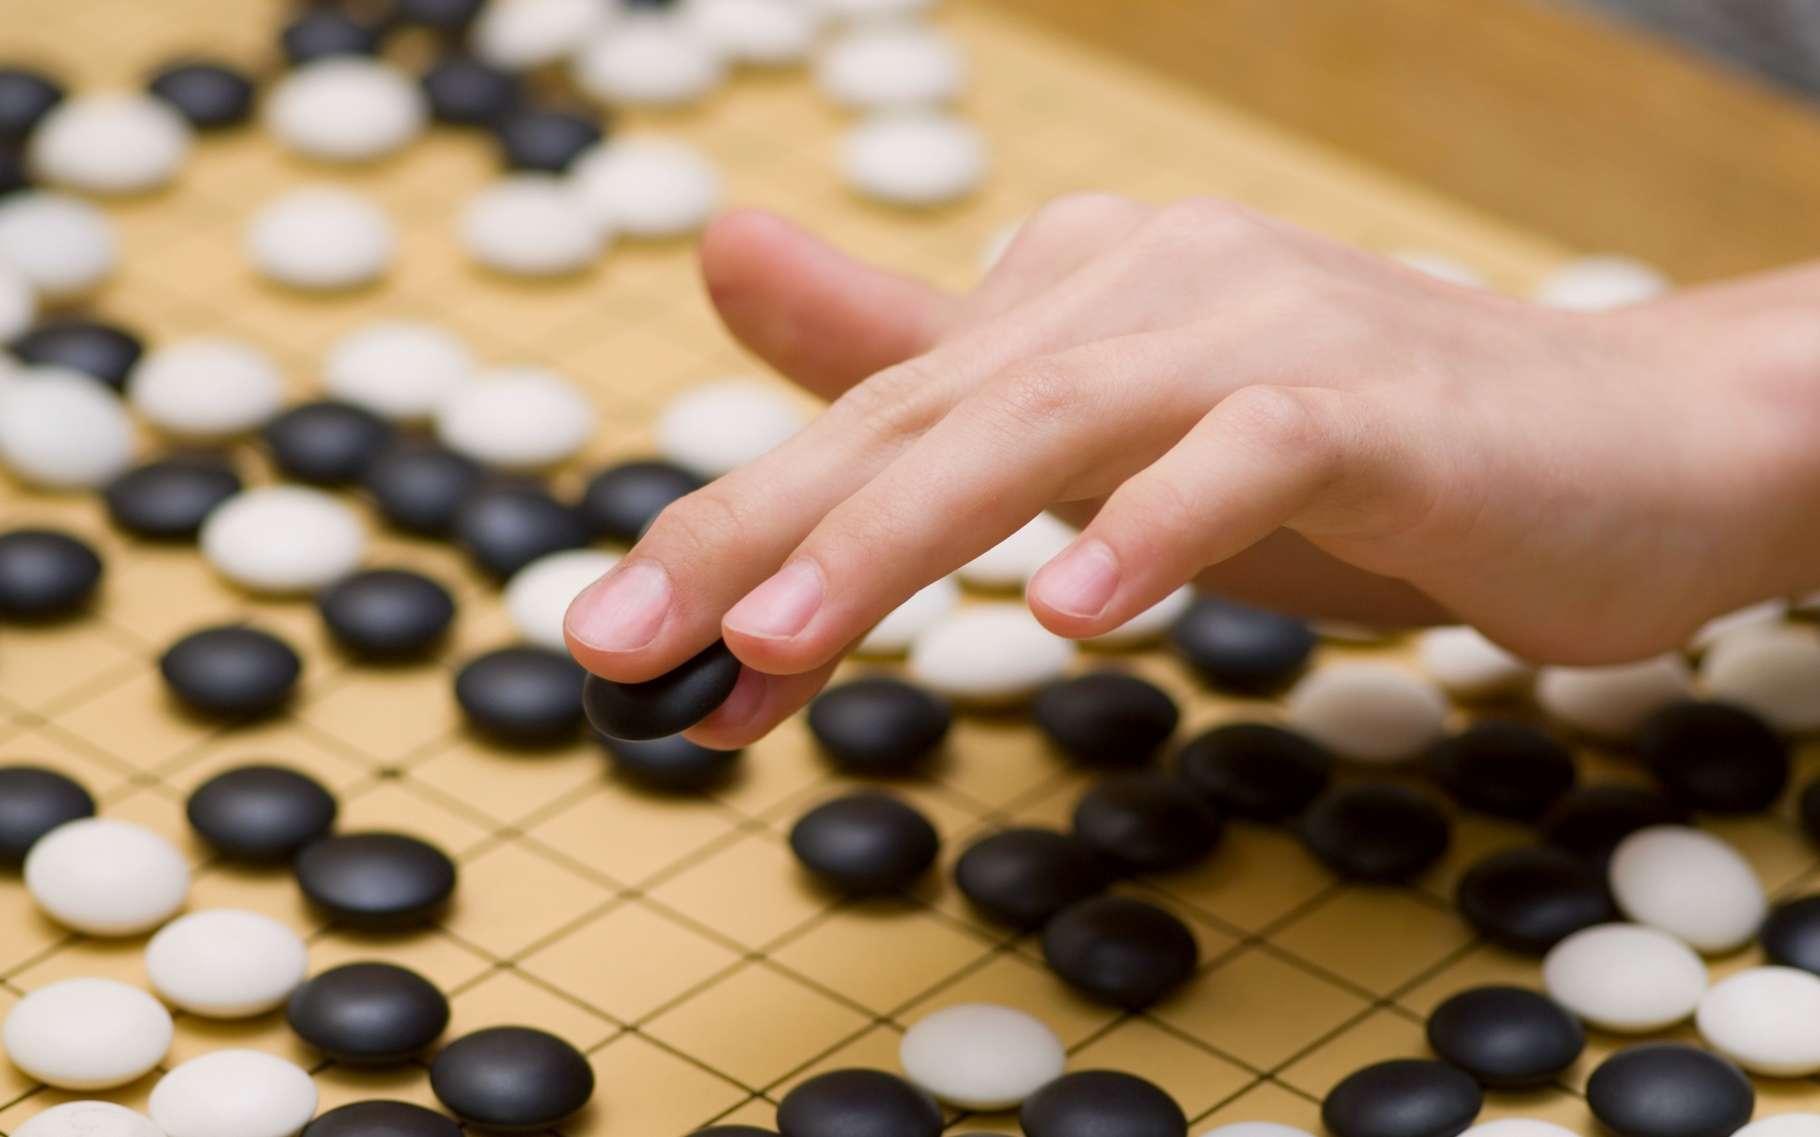 Après les trois victoires d'affilée d'AlphaGo dont le jeu semblait proche de la perfection, les observateurs commençaient à douter de la capacité de Lee Sedol à opposer une résistance. Sa victoire est un formidable démenti. © Bork, Shutterstock